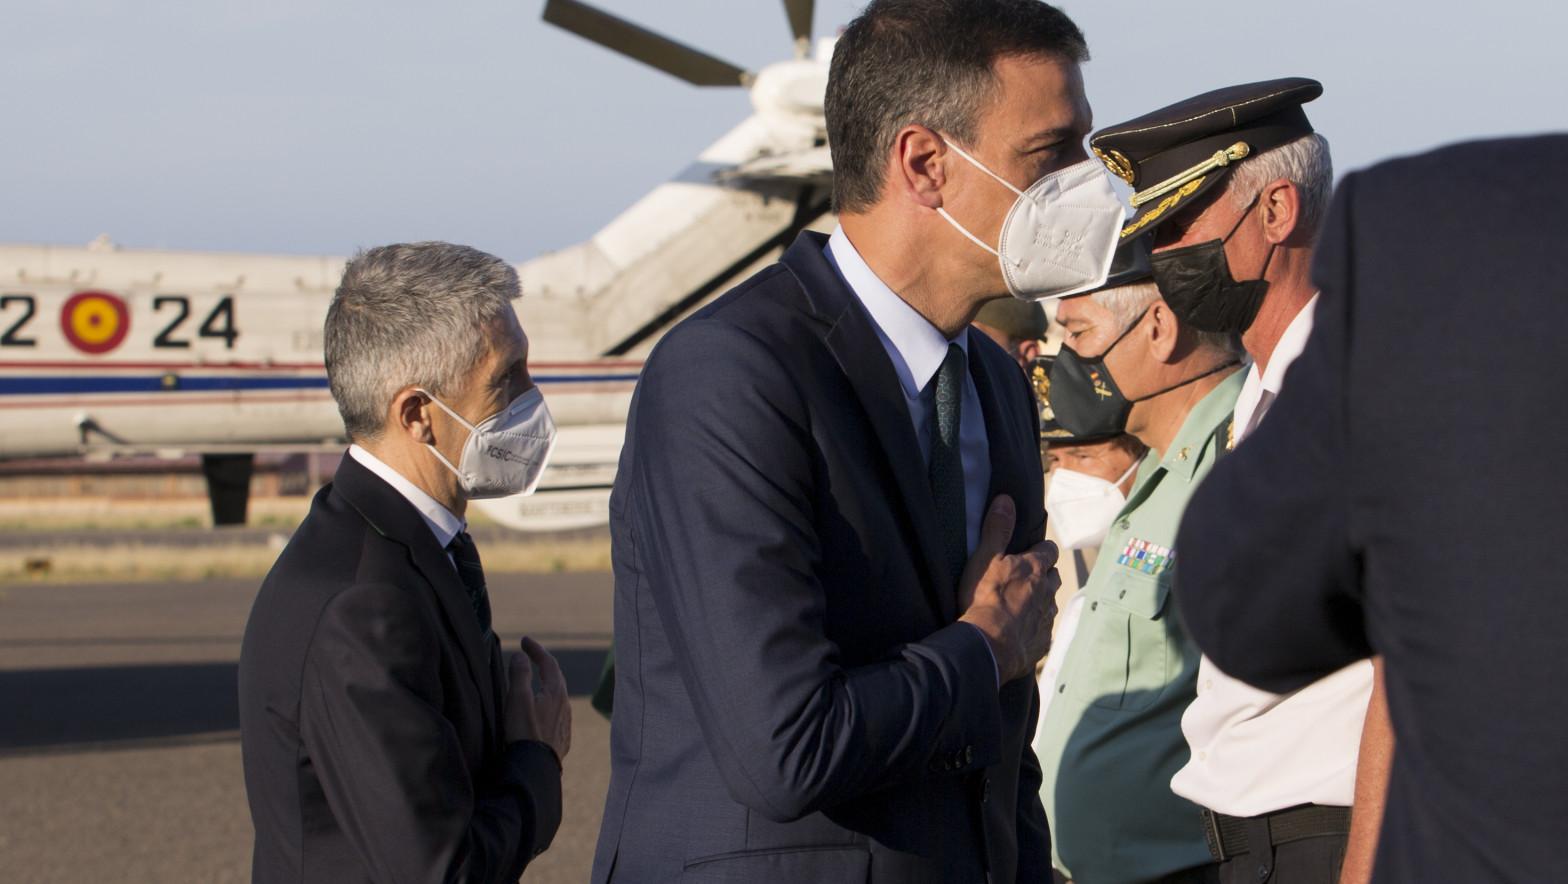 El ministro Grande-Marlaska dice que lo ocurrido en Ceuta no es una crisis migratoria